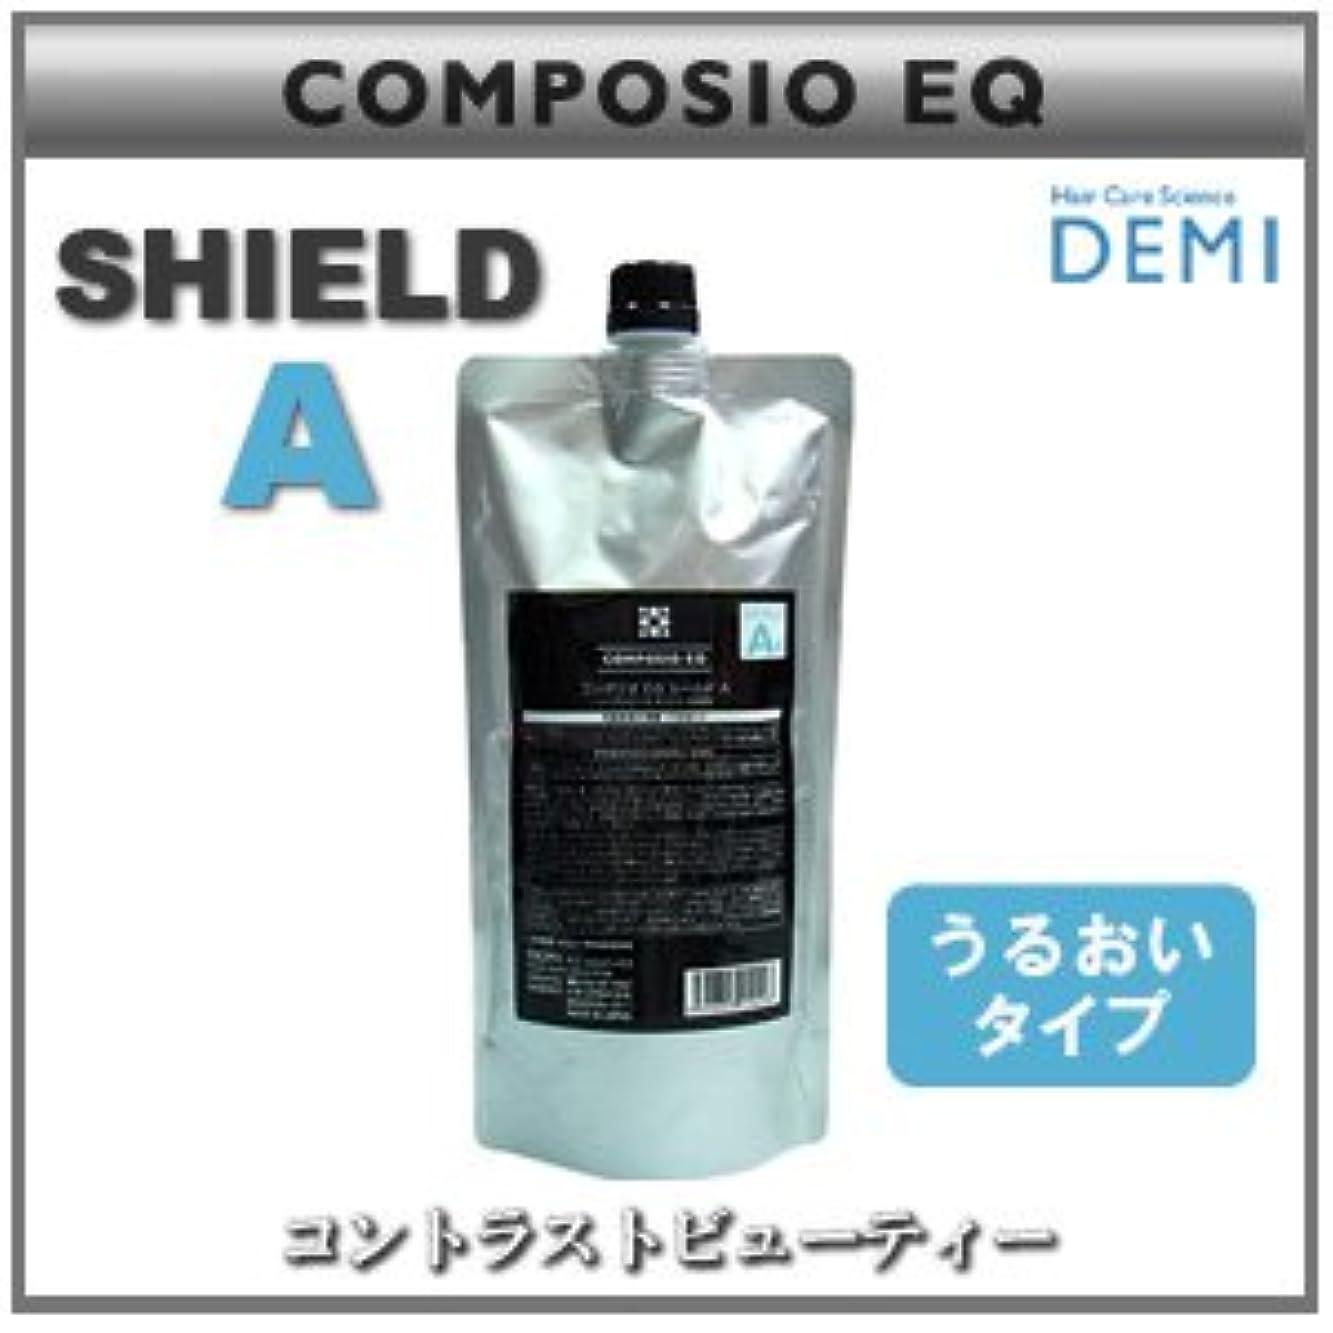 これまで損失耐久【x3個セット】 デミ コンポジオ EQ シールド A 450g